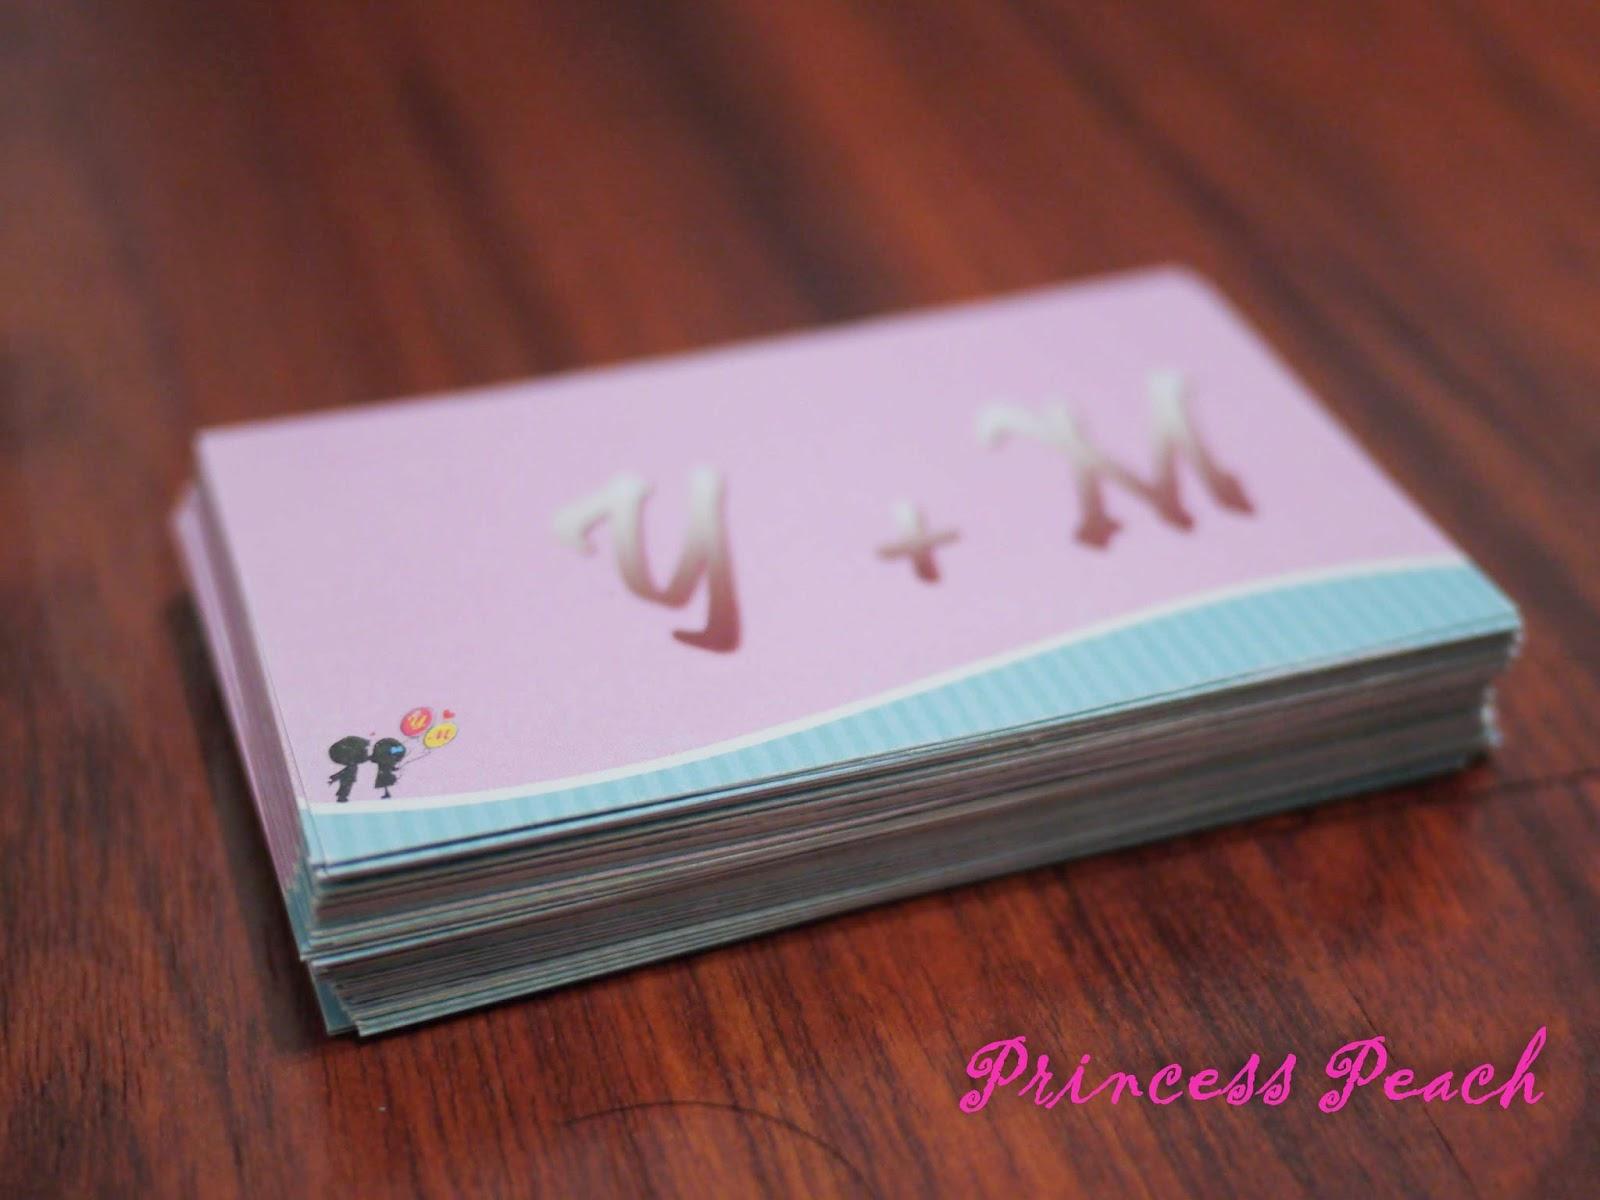 http://twpeach.blogspot.com/2014/03/wedding-thank-you-card.html